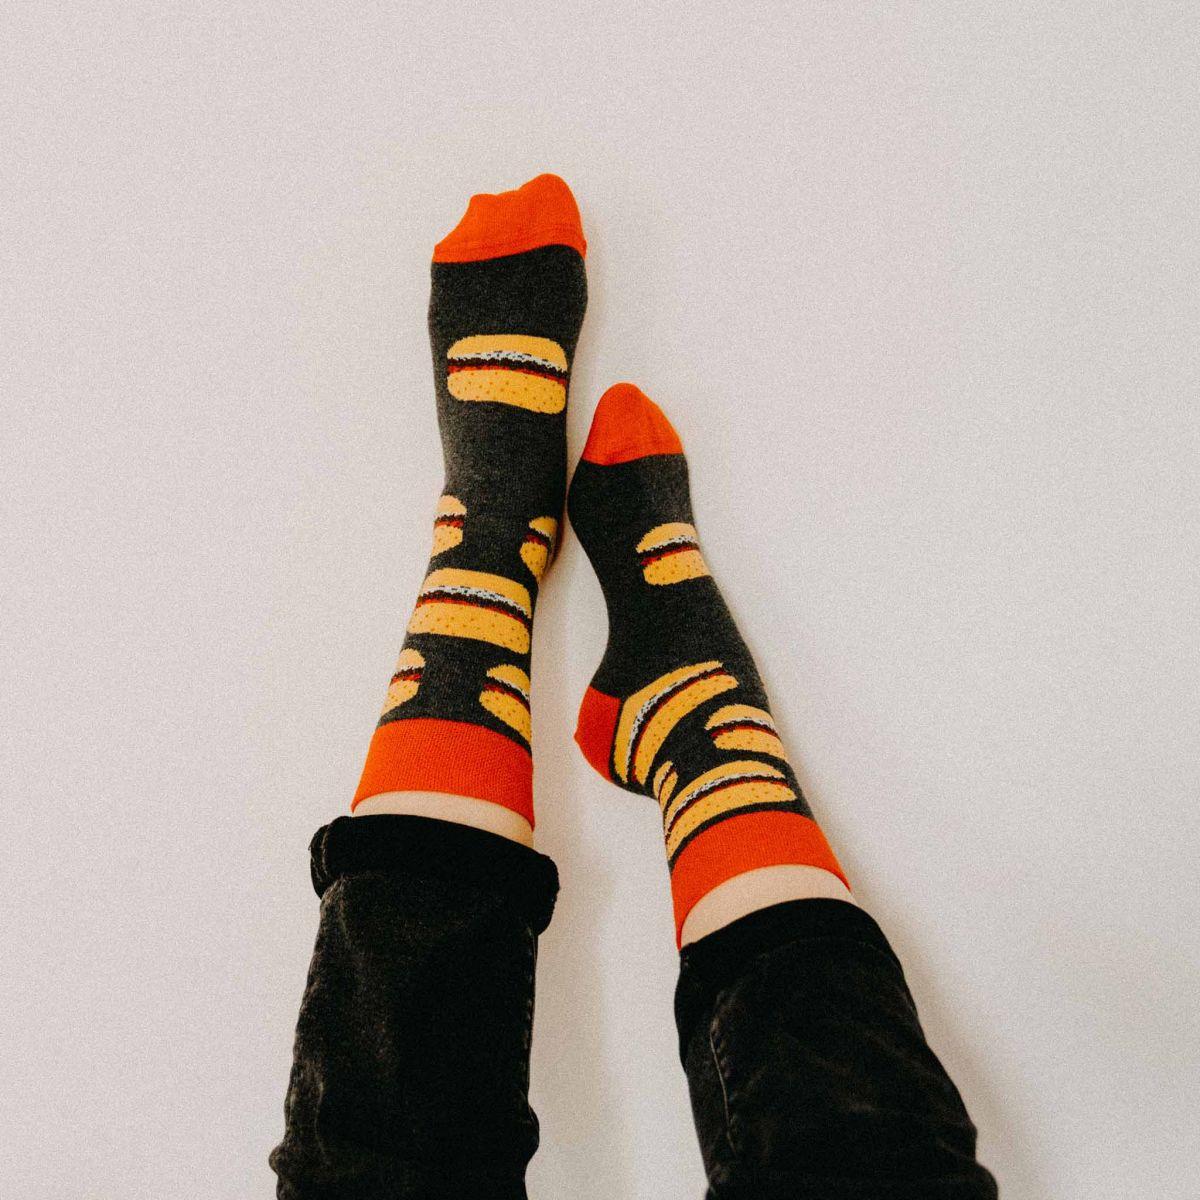 Ponožky - Hamburger + hranolky - 2 páry v darčekovej krabičke p2